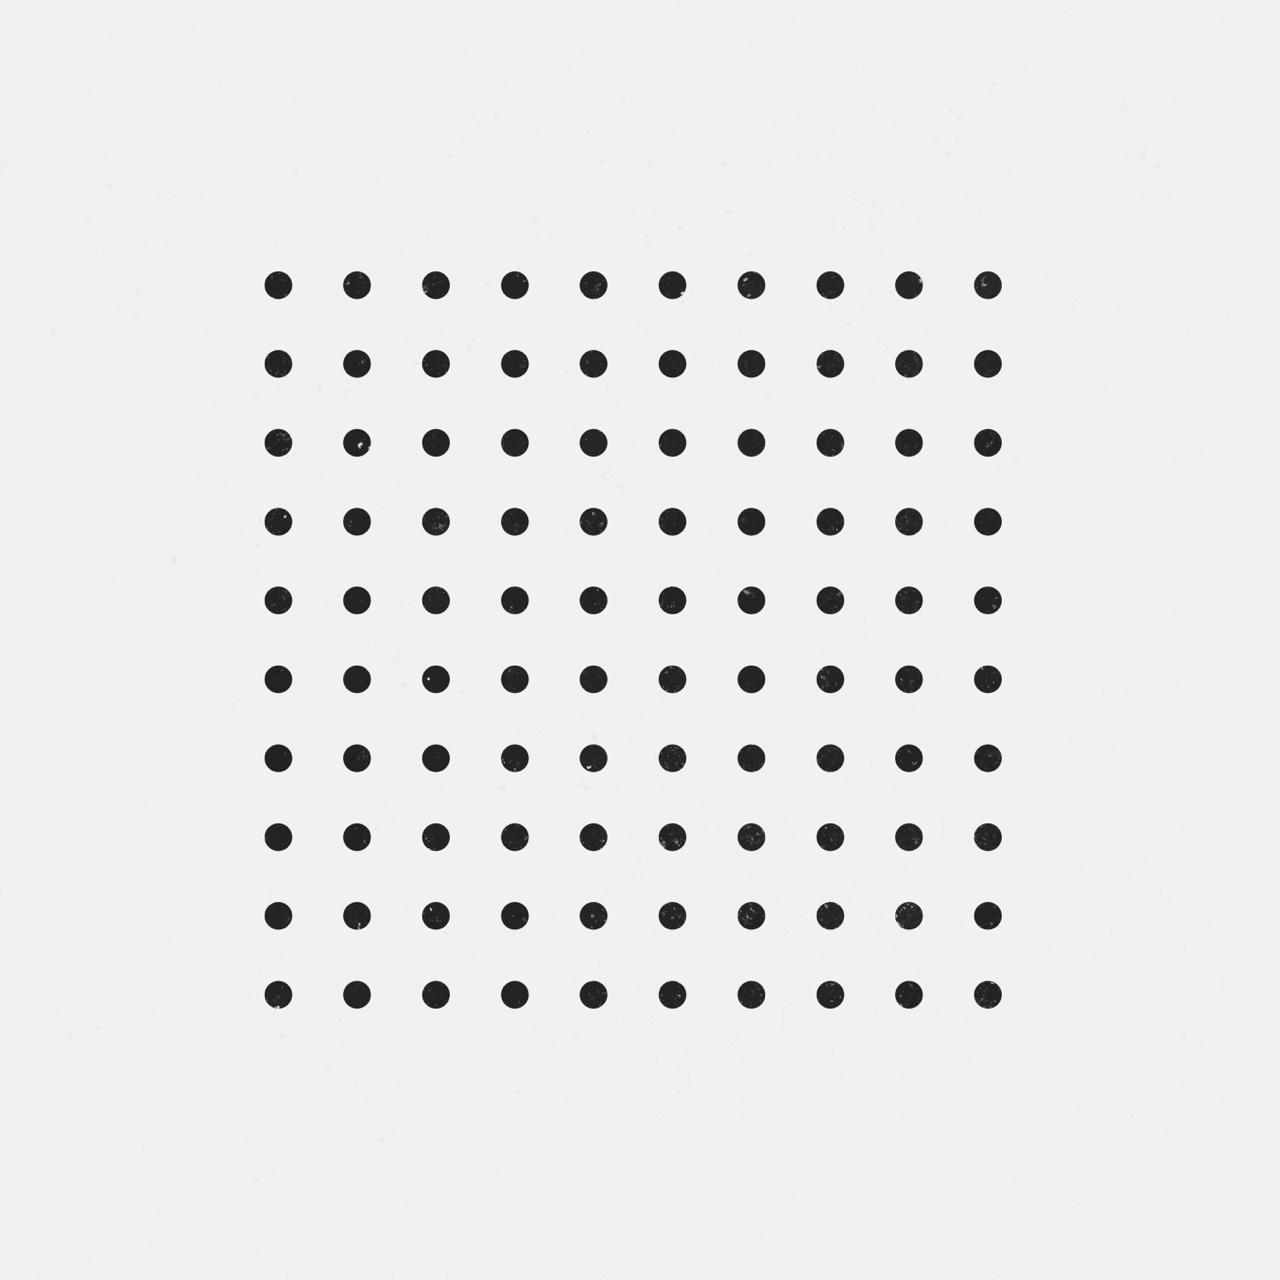 Dots clipart dot array DAY tumblr_nkc9qtwwxN1rkf397o1_1280 GIVE tumblr_nk8gfxI8QZ1u16n75o1_1280 ME